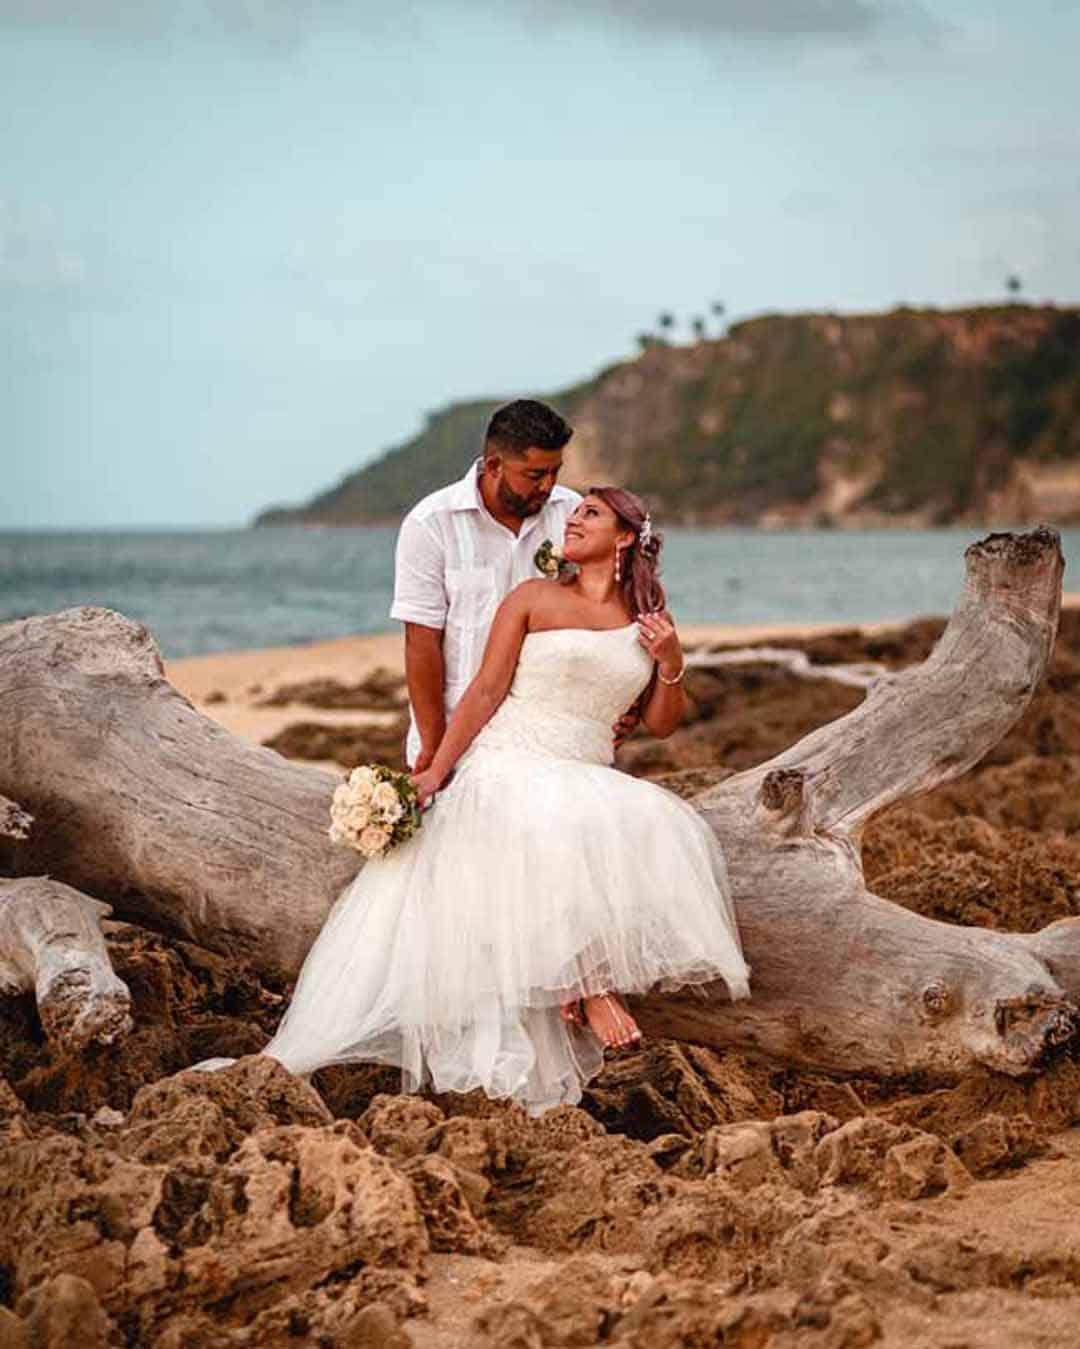 wedding ceremony in Puerto Rico